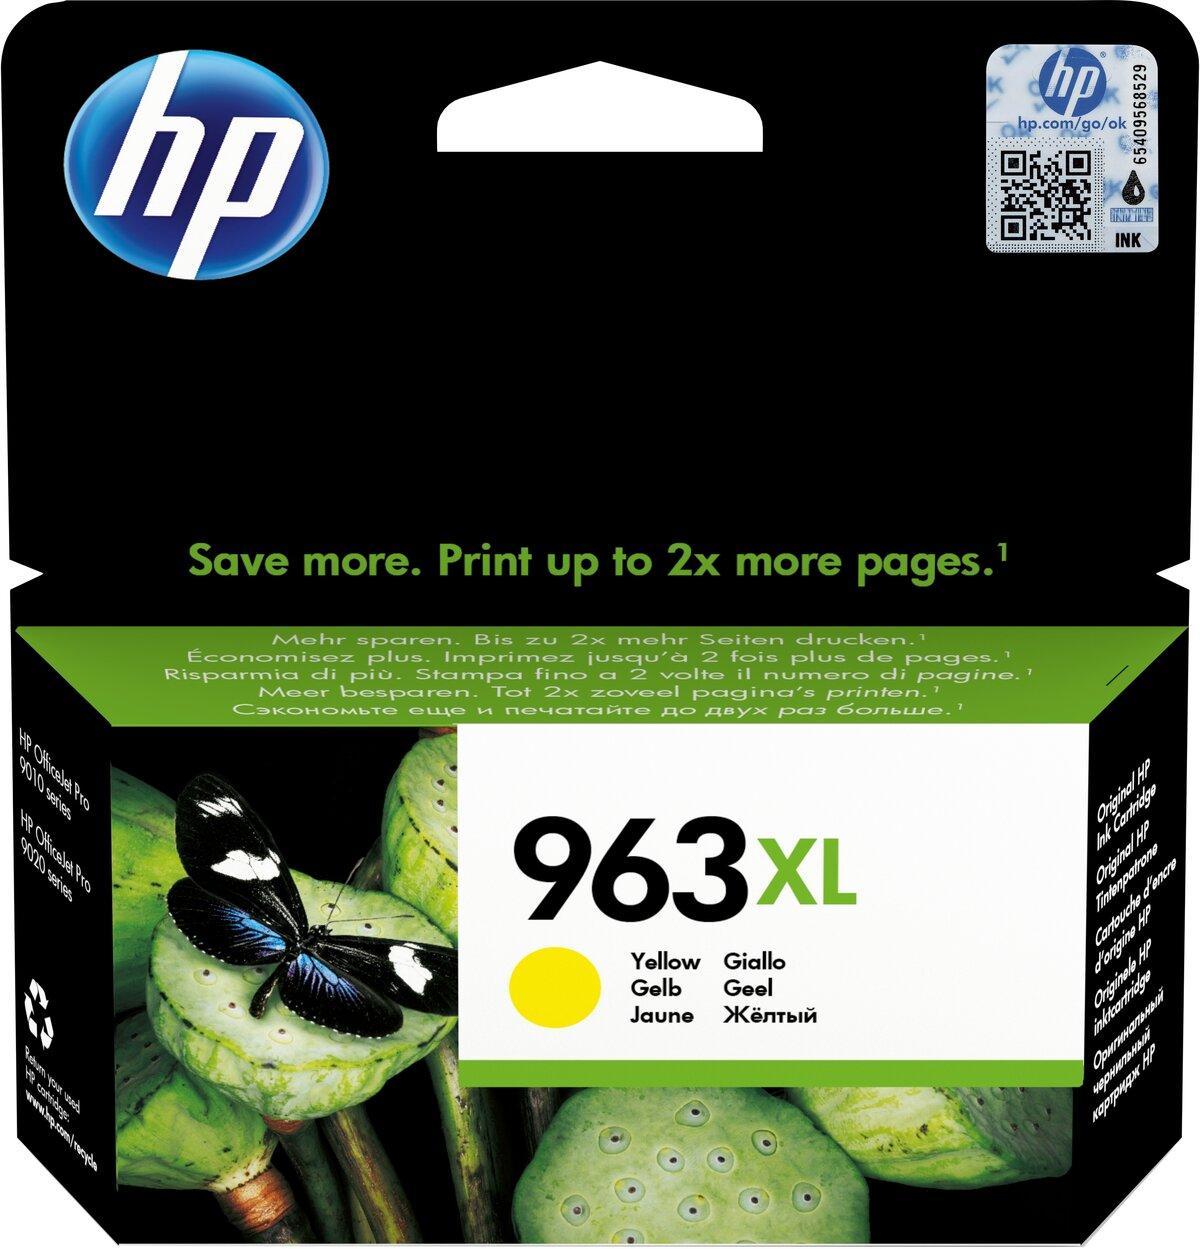 Картридж HP 963XL OJ Pro 9010/9013/9020/9023 Yellow 1600 страниц